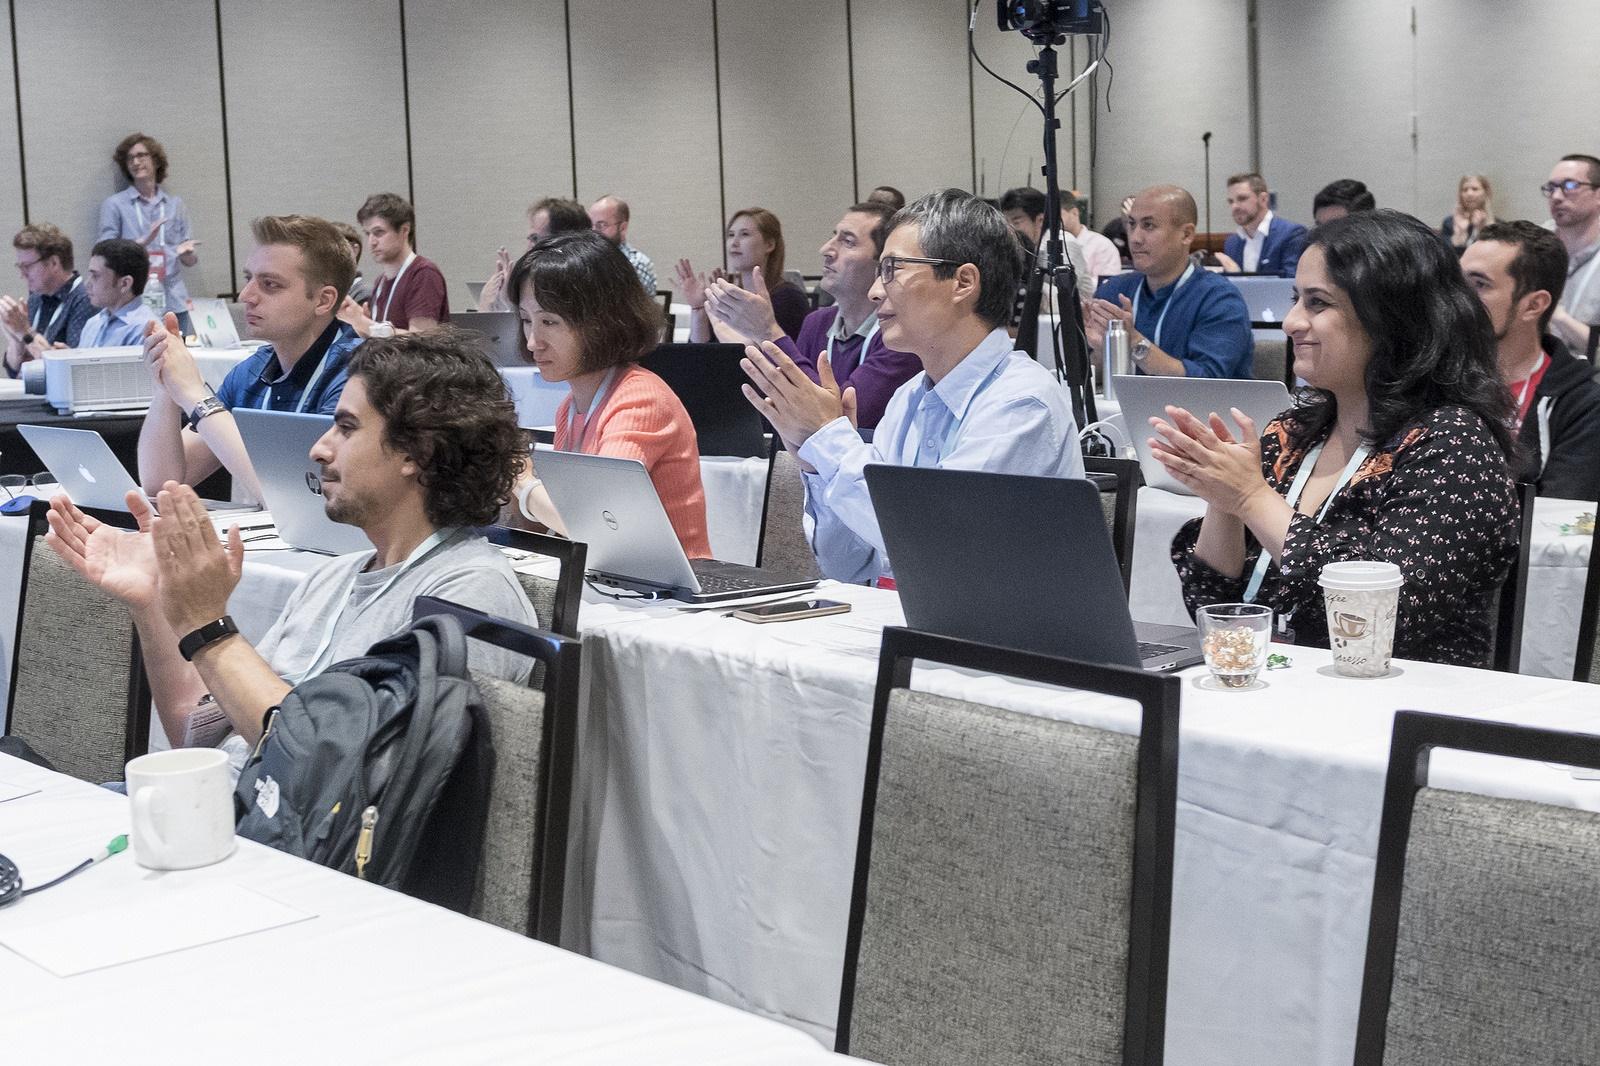 О конференции Strata AI: будущее искусственного интеллекта - 6